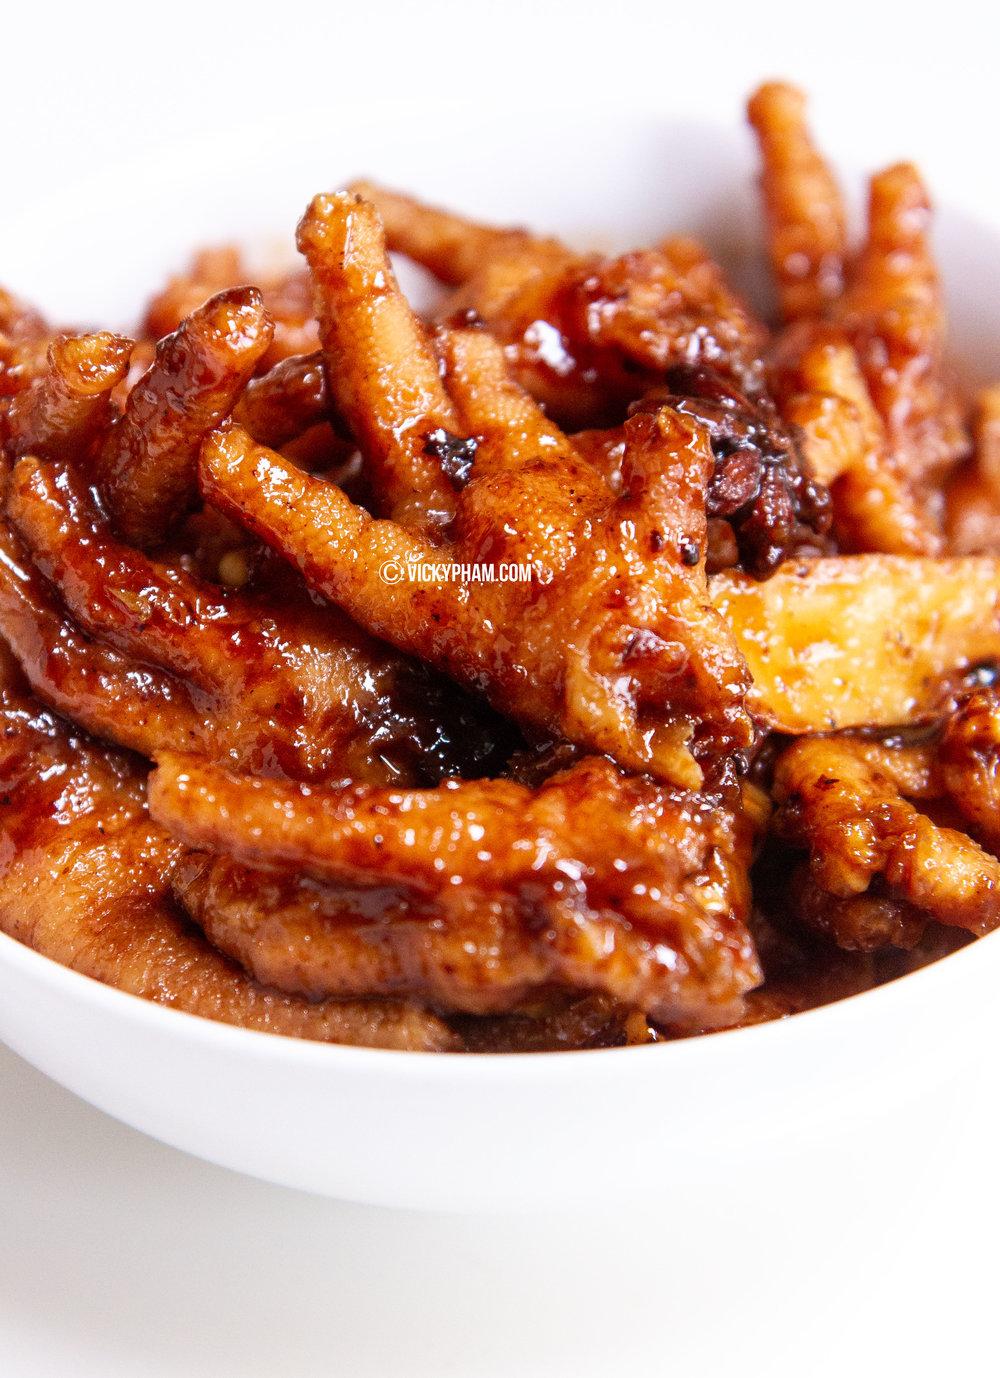 Dim-Sum Style Braised Chicken Feet with Black Bean Sauce